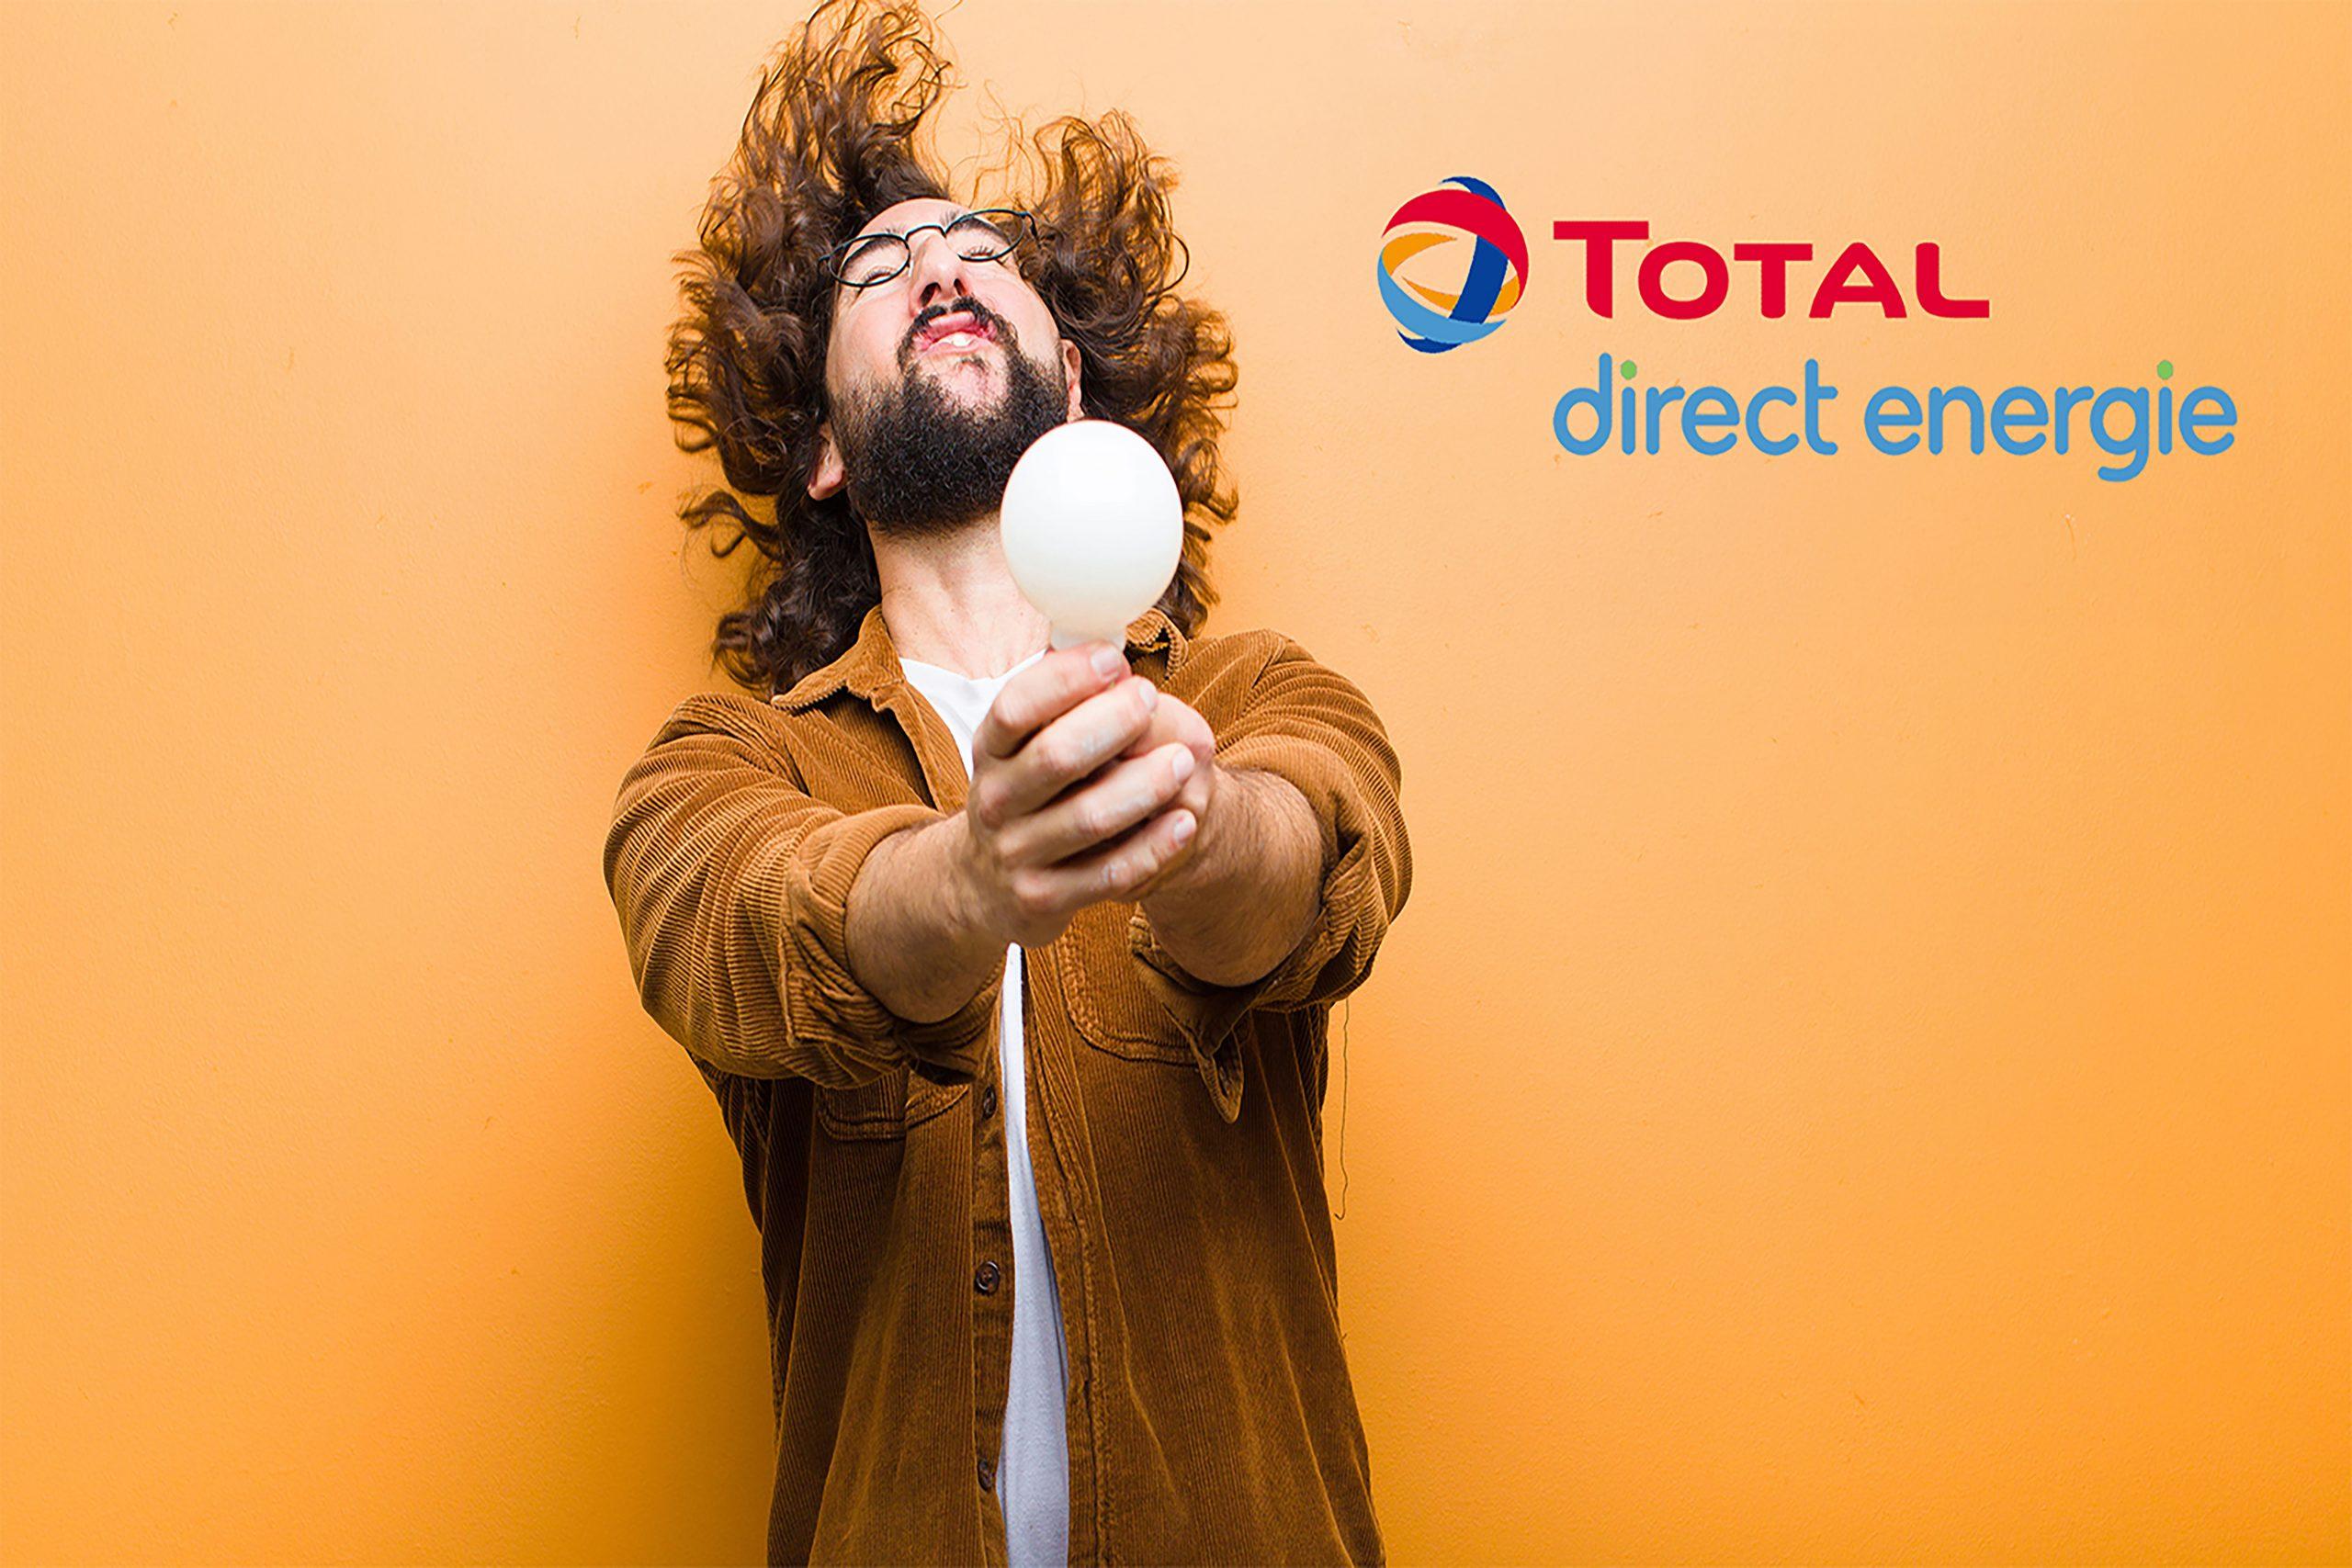 étude de cas total direct énergie